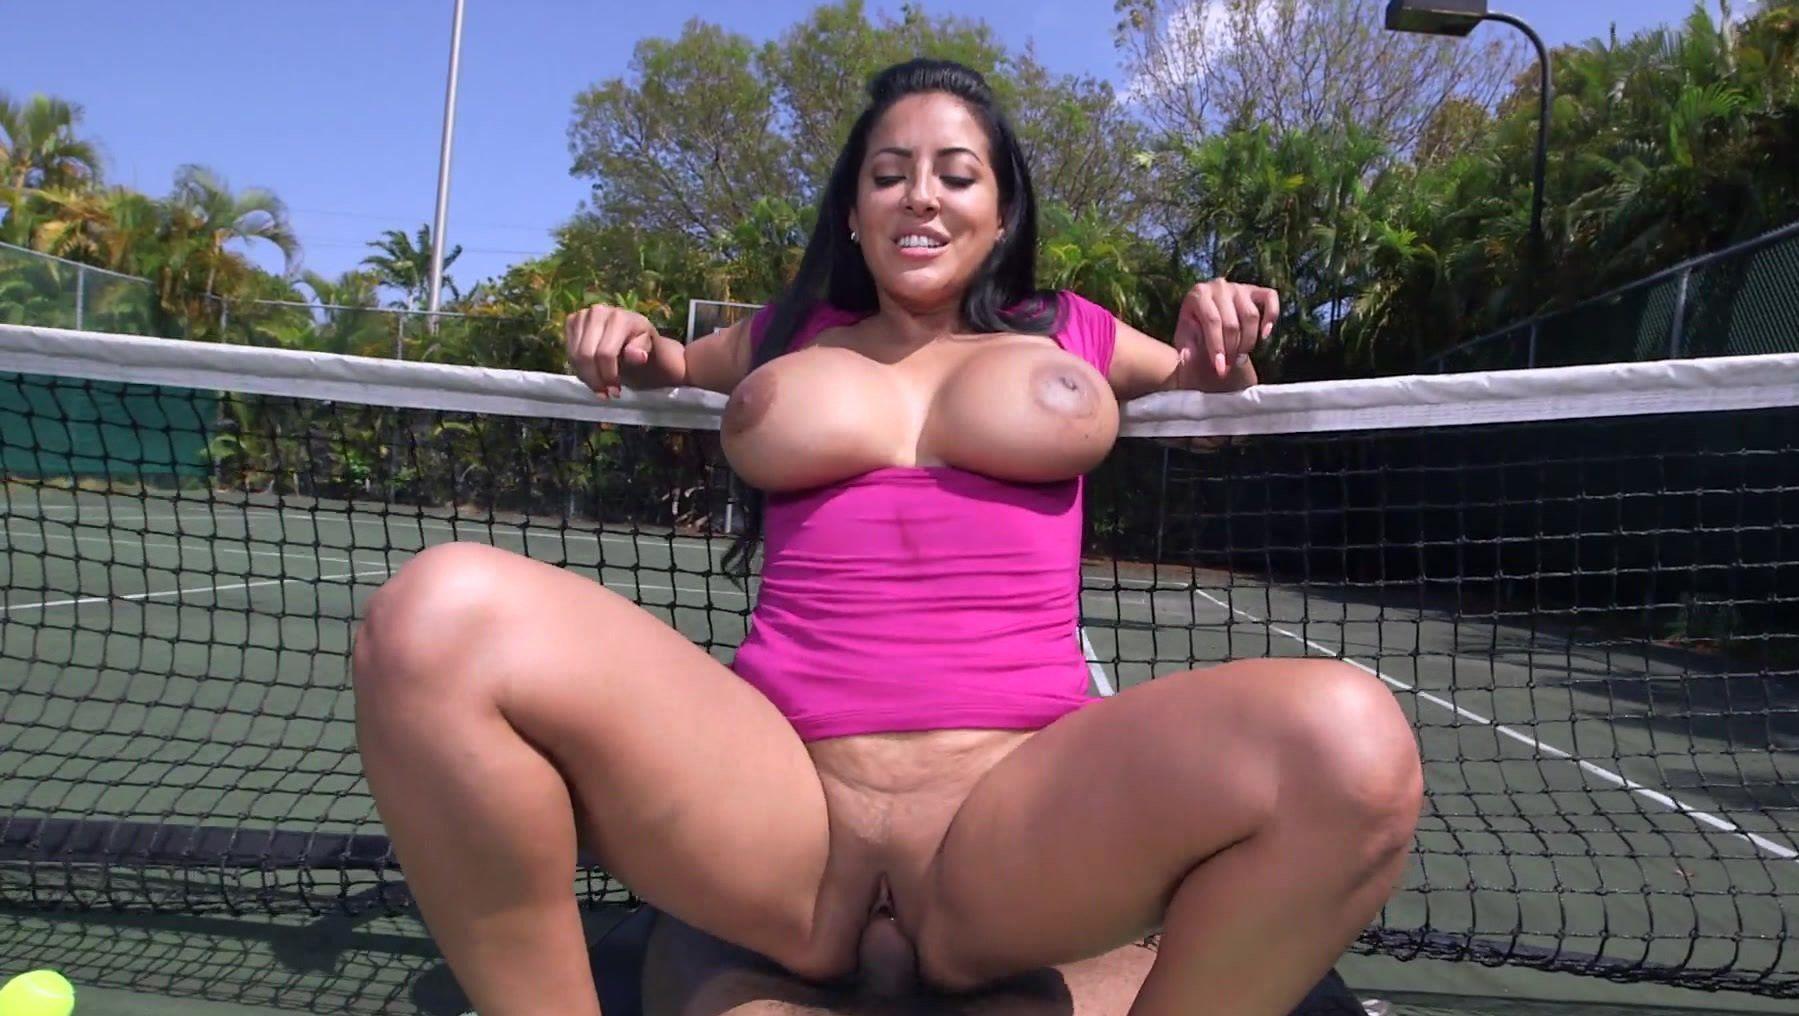 Horny milf butt naked